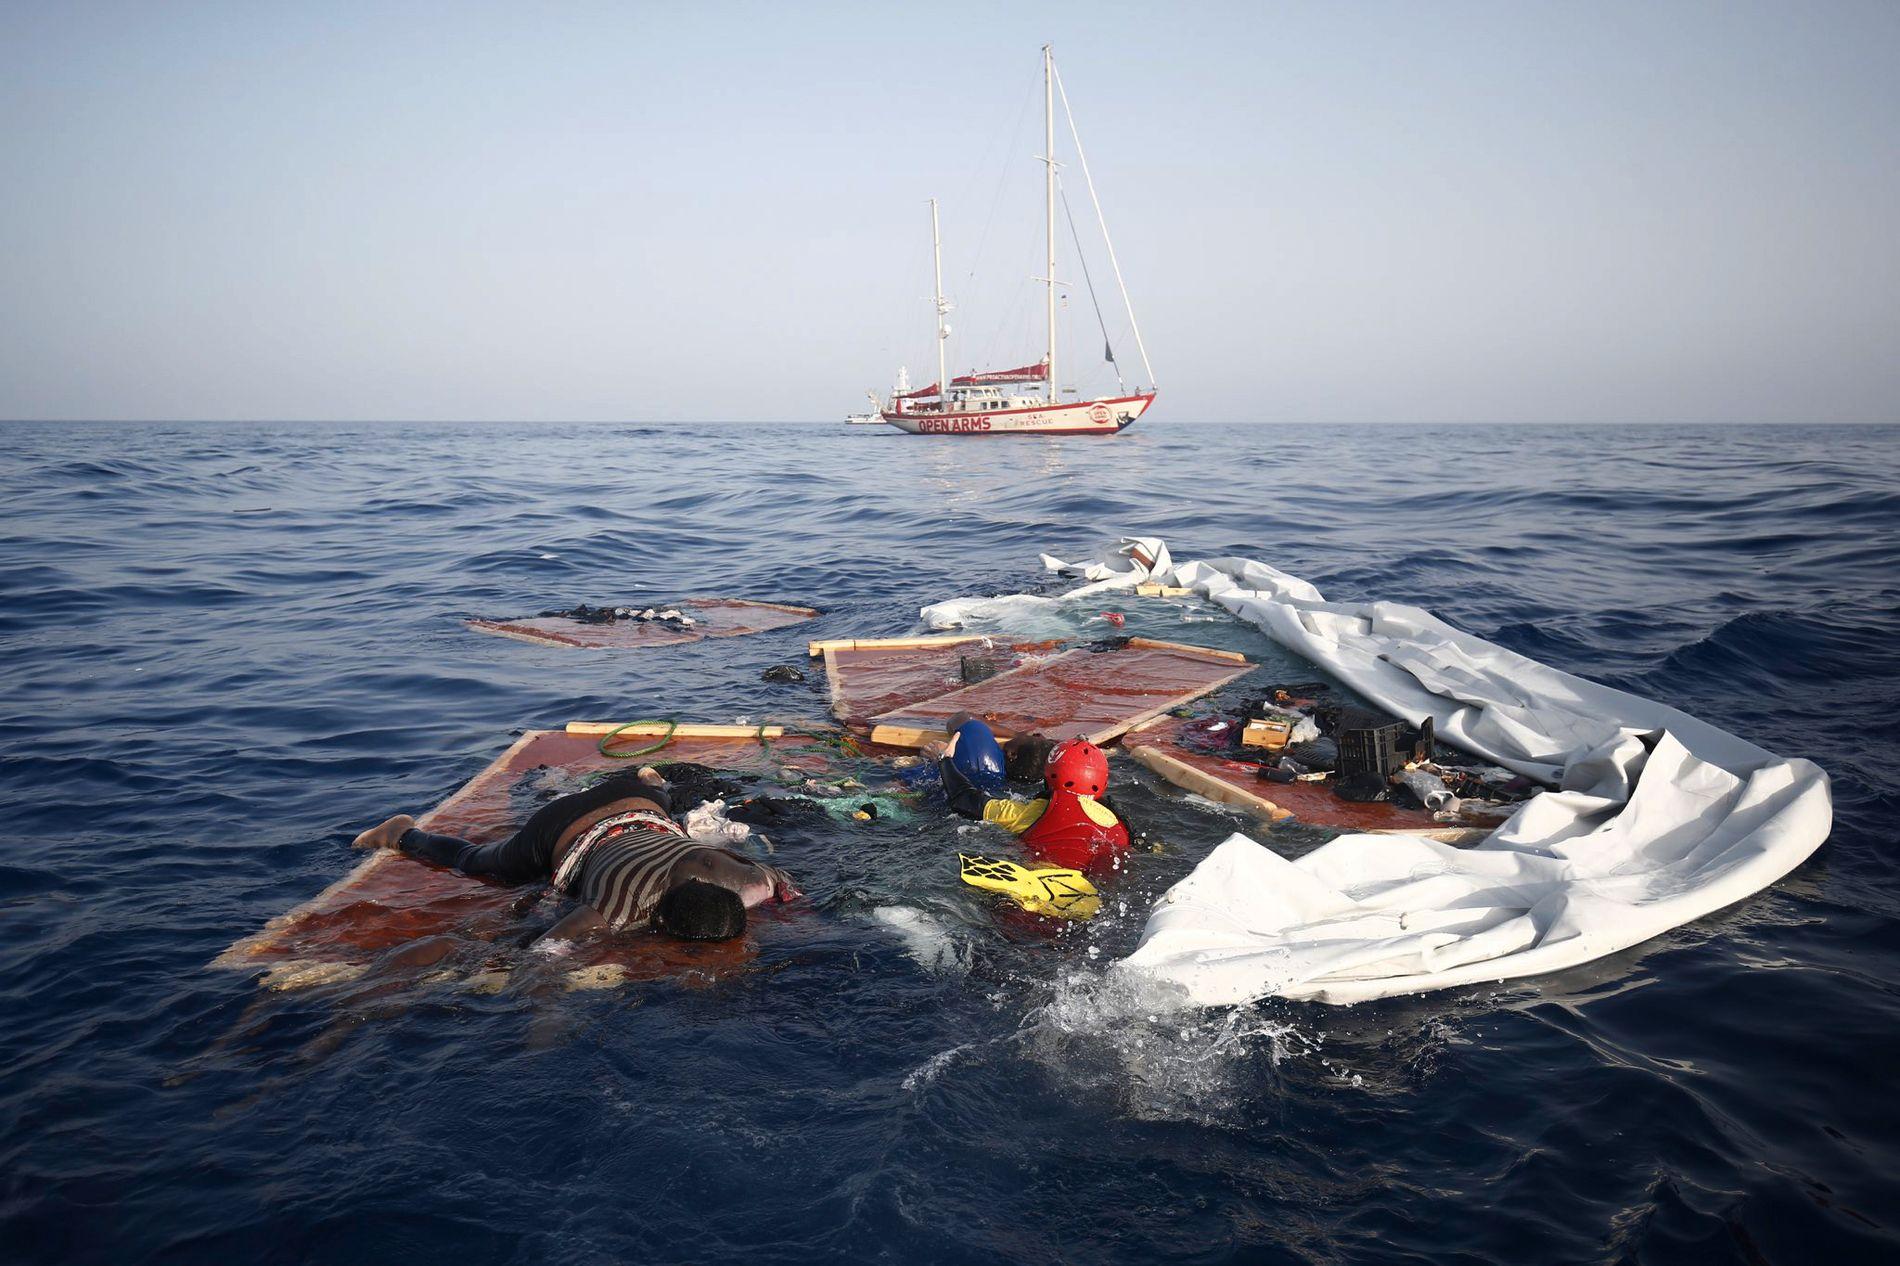 NÅDDE IKKE EUROPA: Redningsarbeidere fant en kvinne og et barn døde, drivende på restene av en båt i Middelhavet uten Libya- kysten den 17. juli i år.